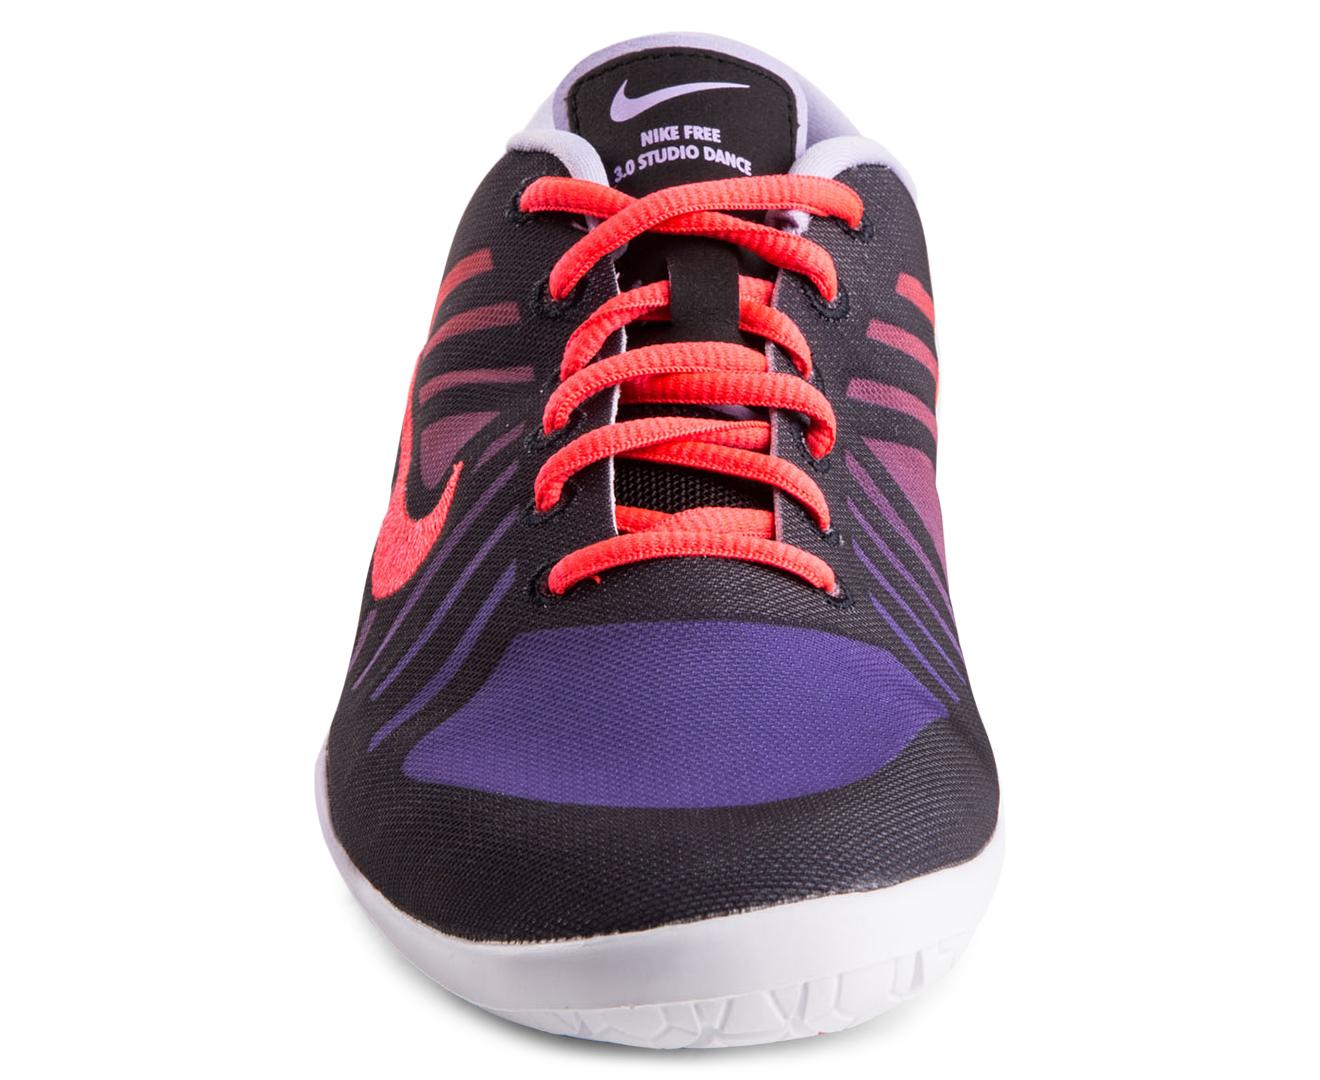 fdcefb311b7d1 Nike Women s Free 3.0 Studio Dance - Hydrangeas